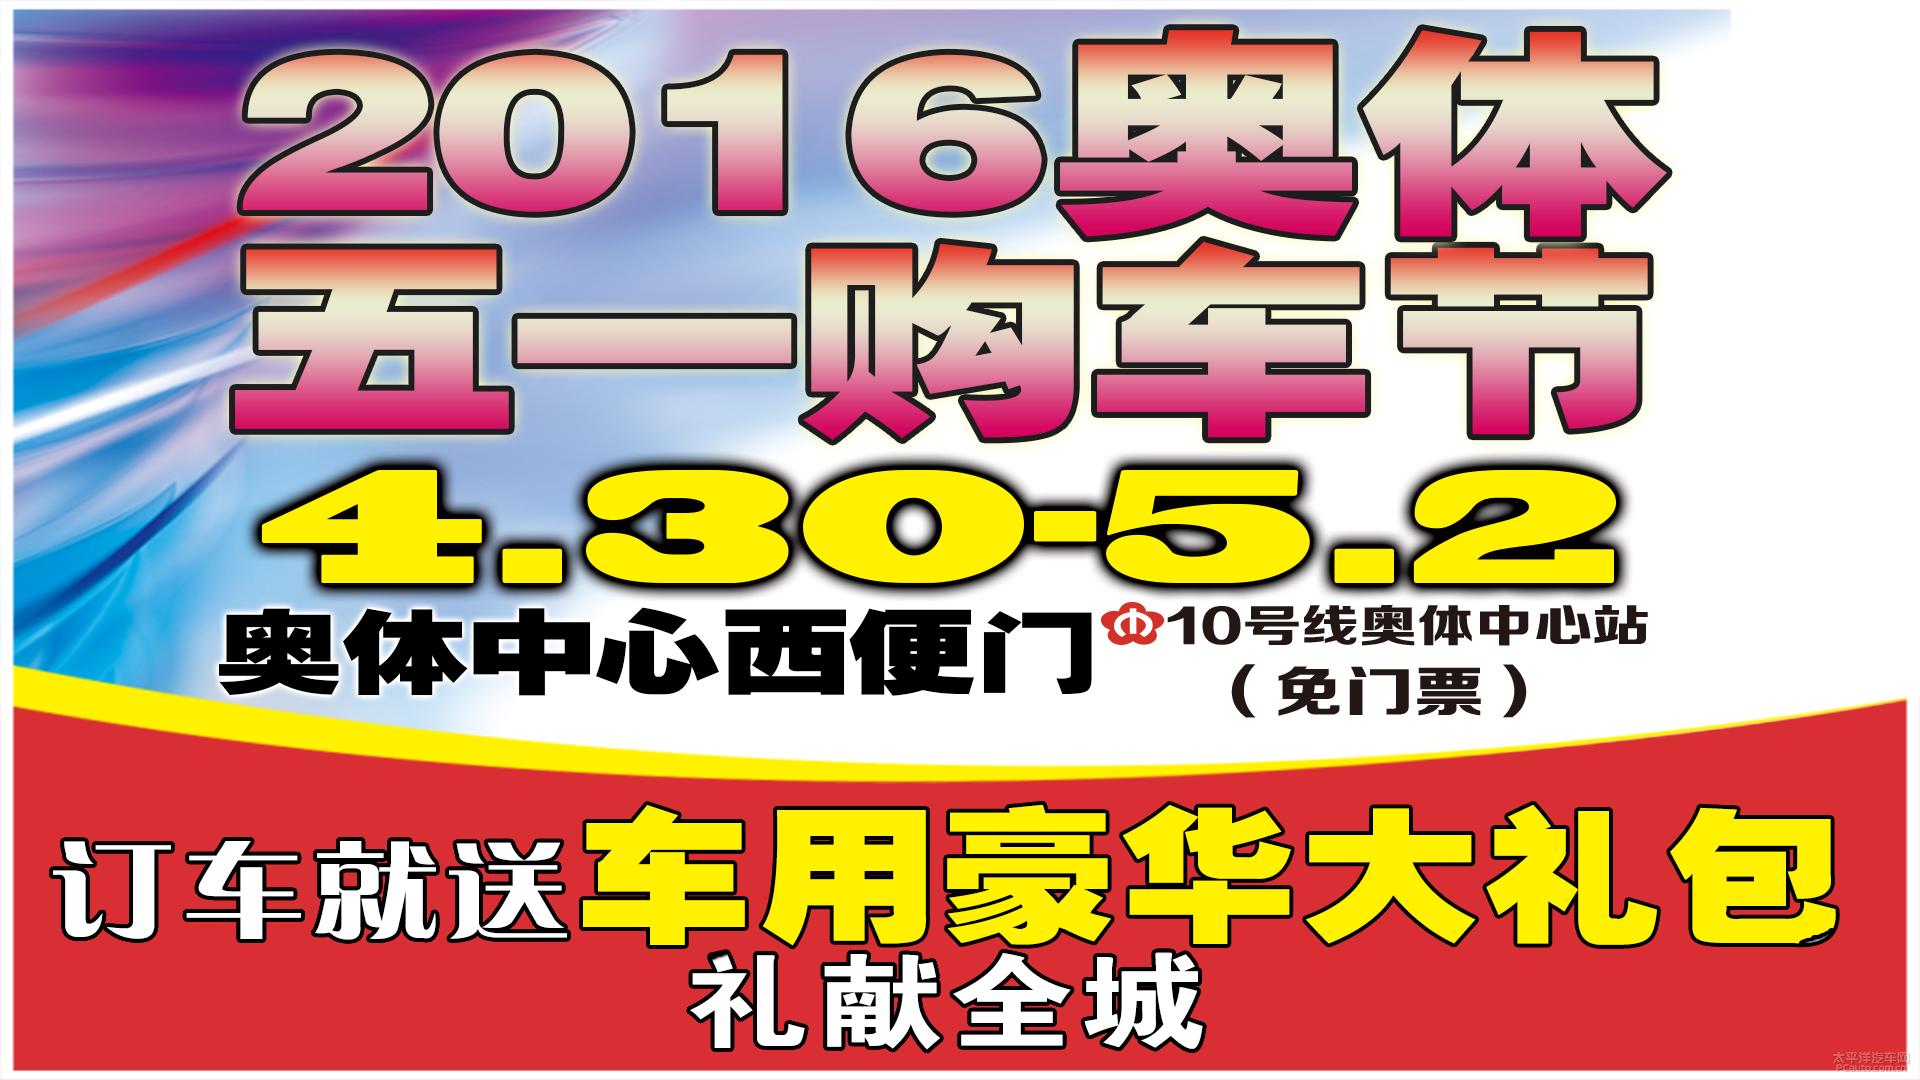 2016年南京奥体五一购车节